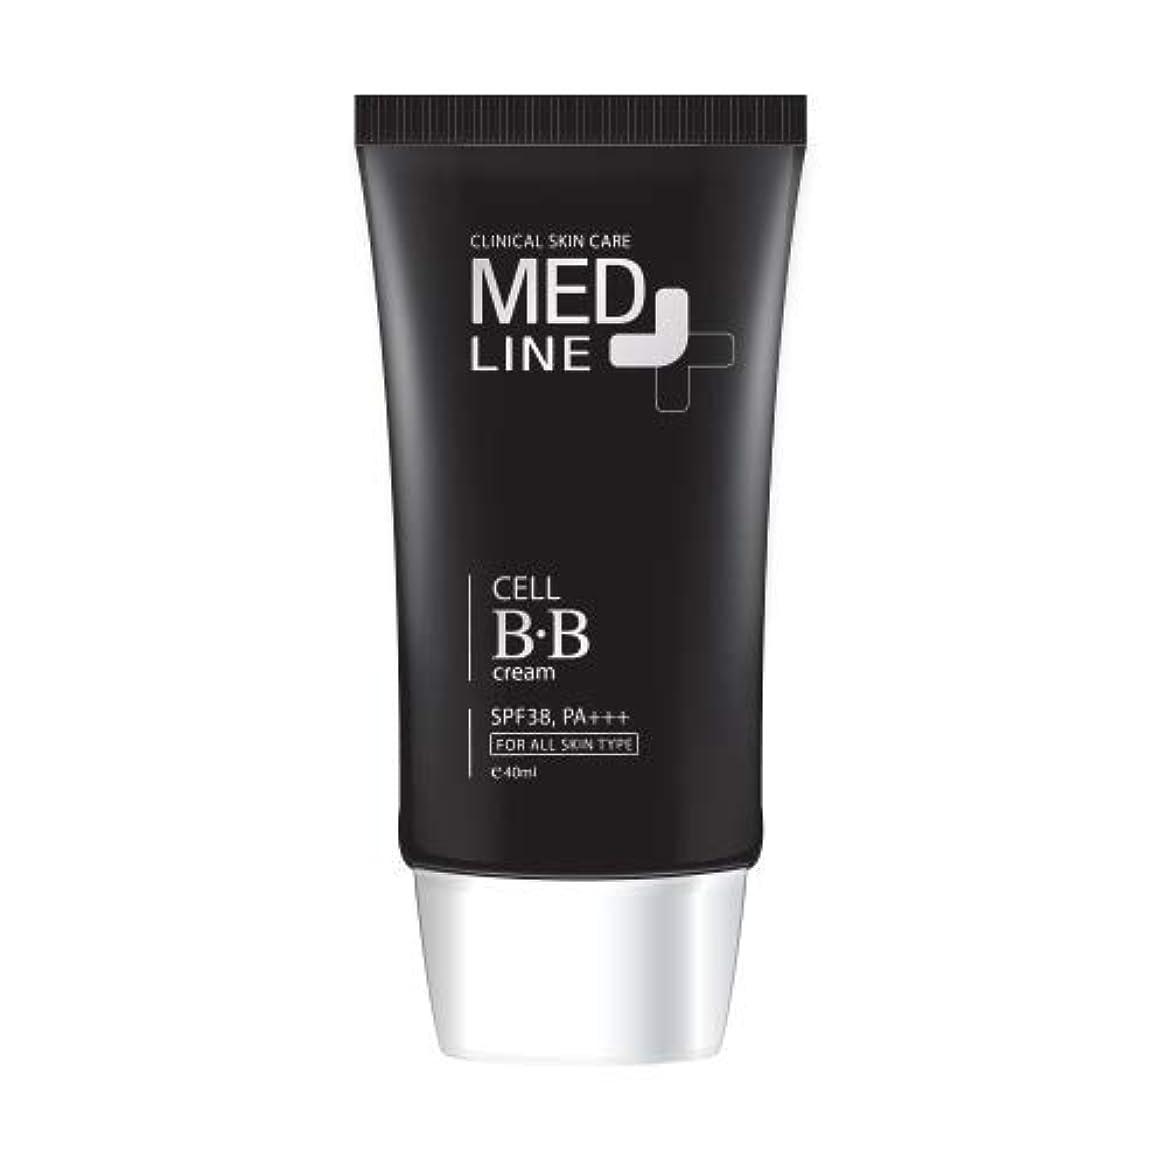 靄キャップ交換可能メドライン(Med Line) セルBBクリーム(Cell B.B Cream)